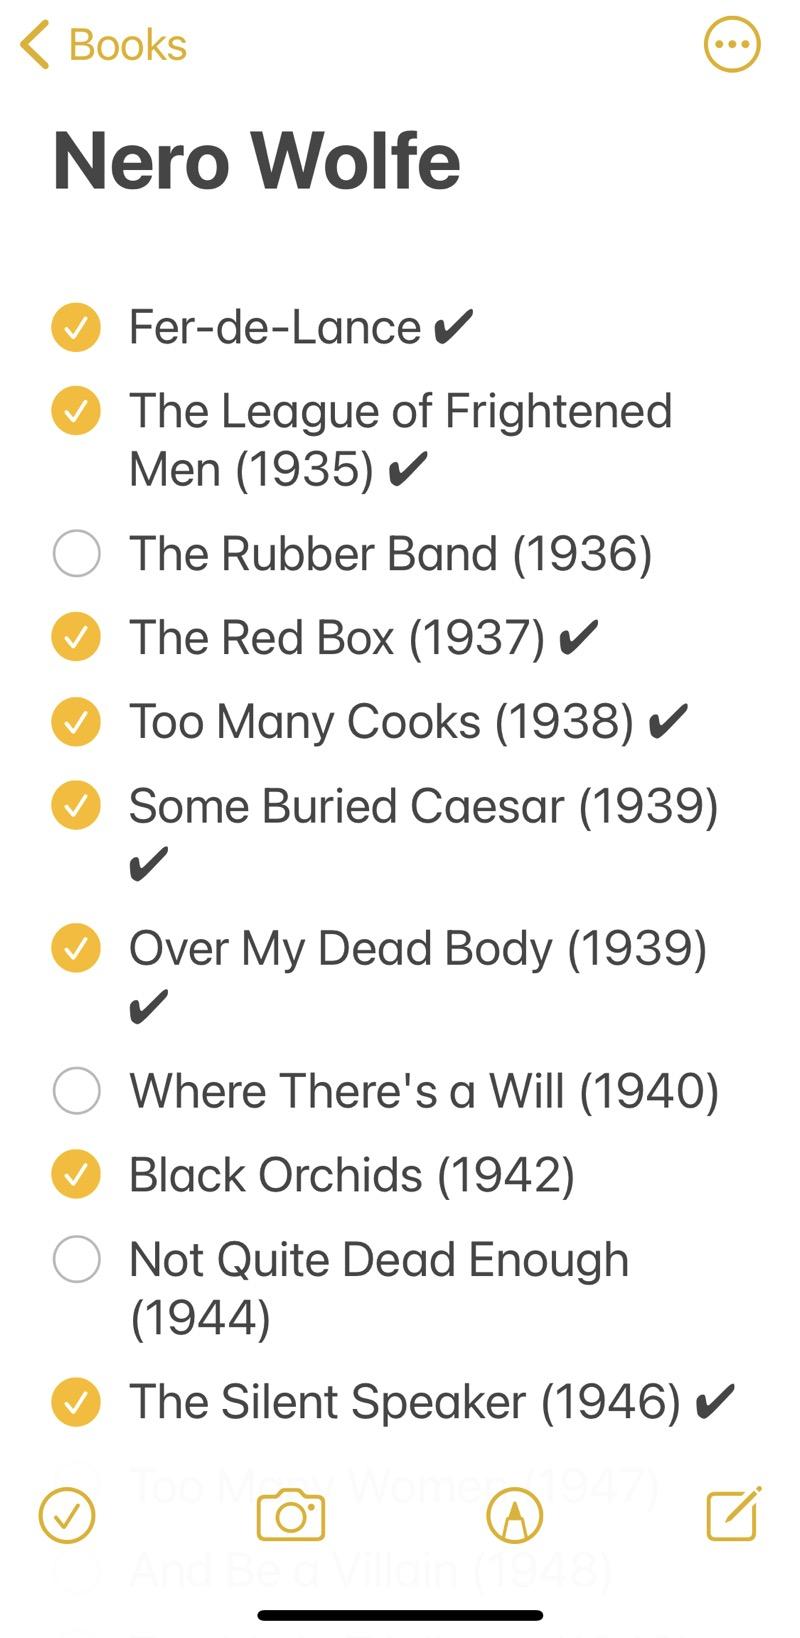 Nero Wolfe checklist